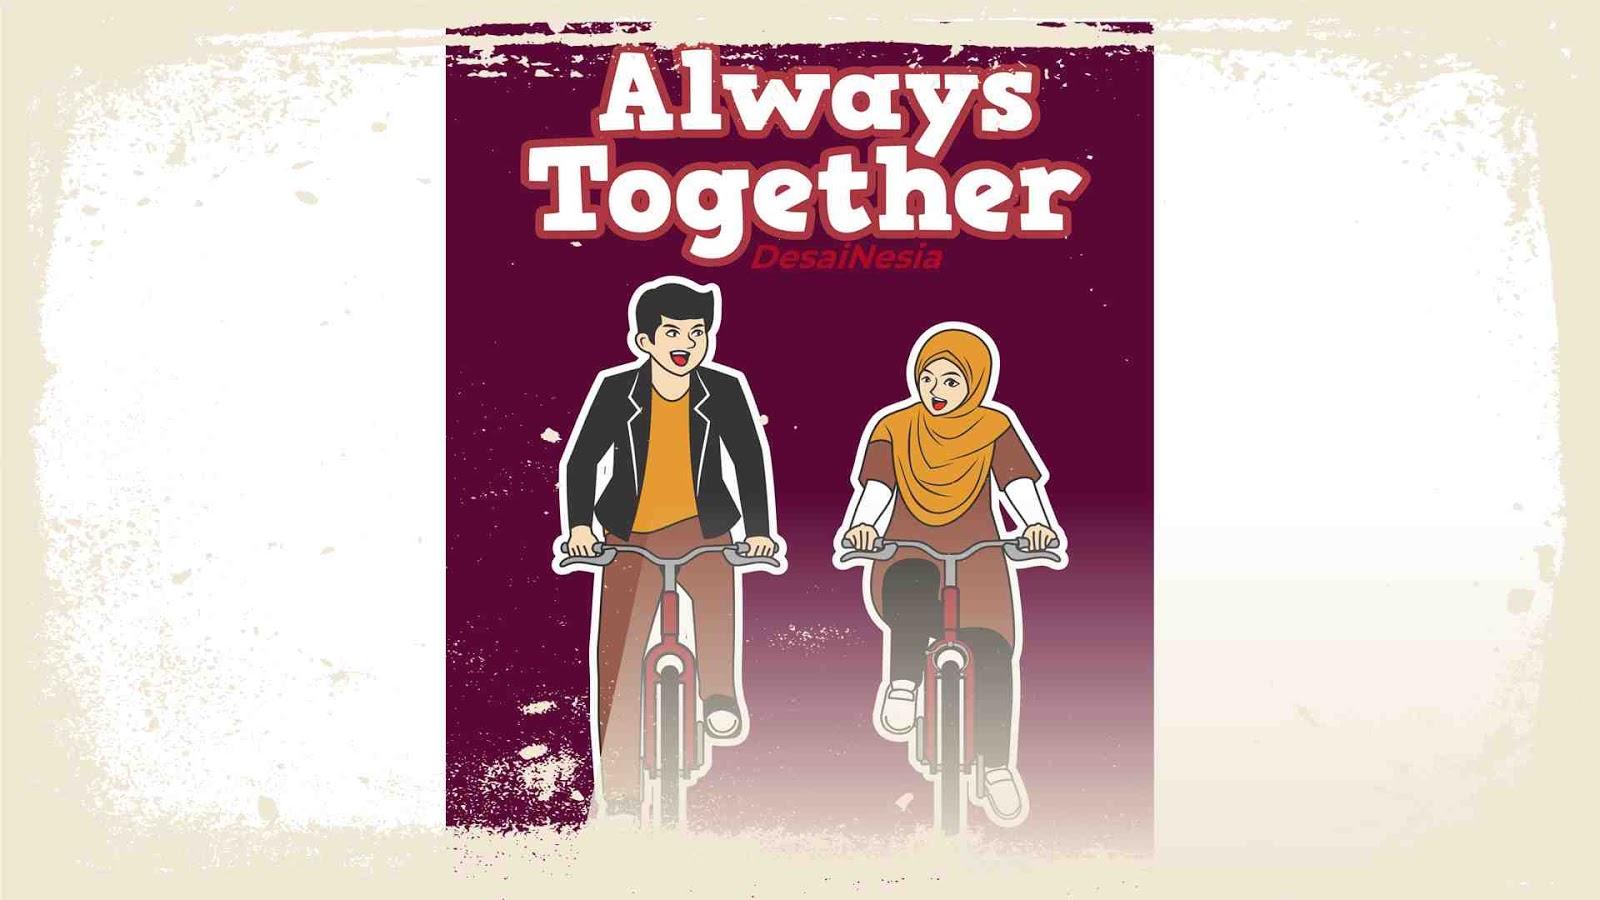 sepeda bersama pasangan